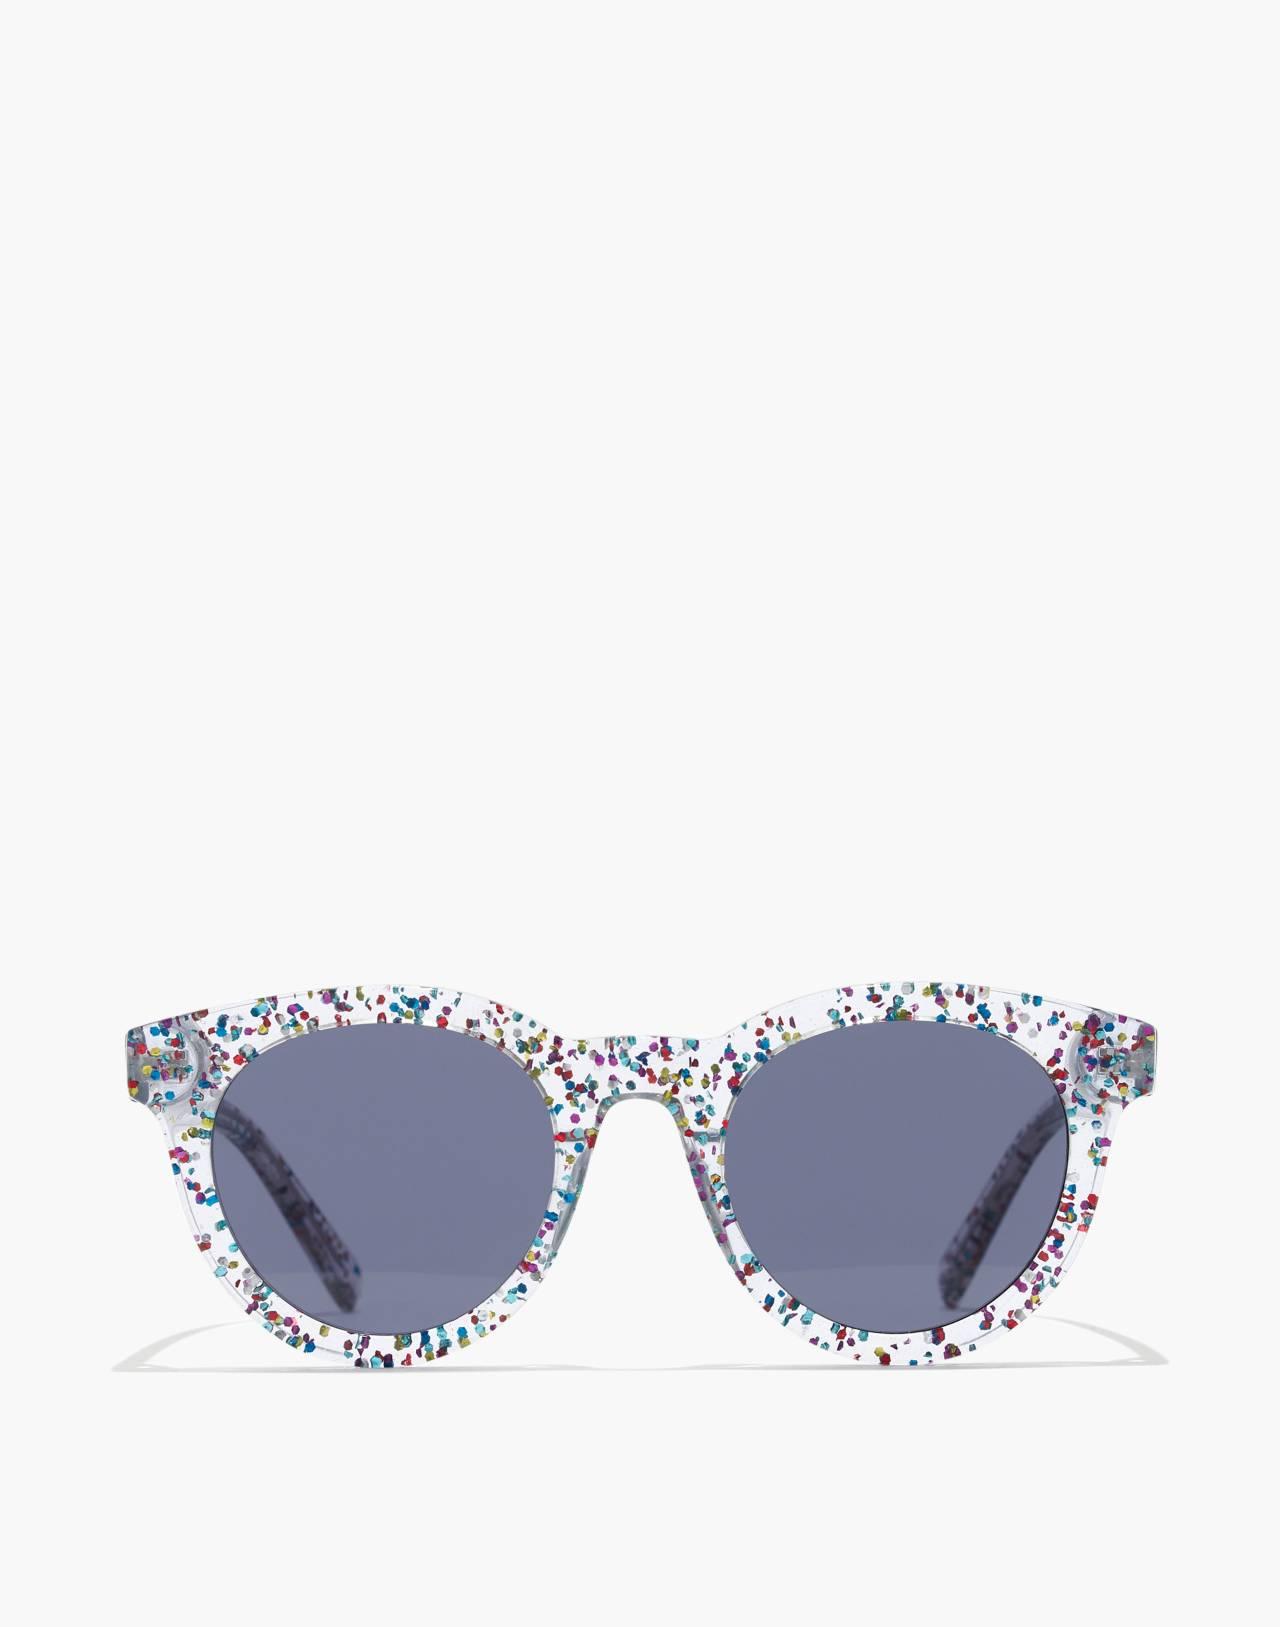 Halliday Sunglasses in multi color glitter image 1